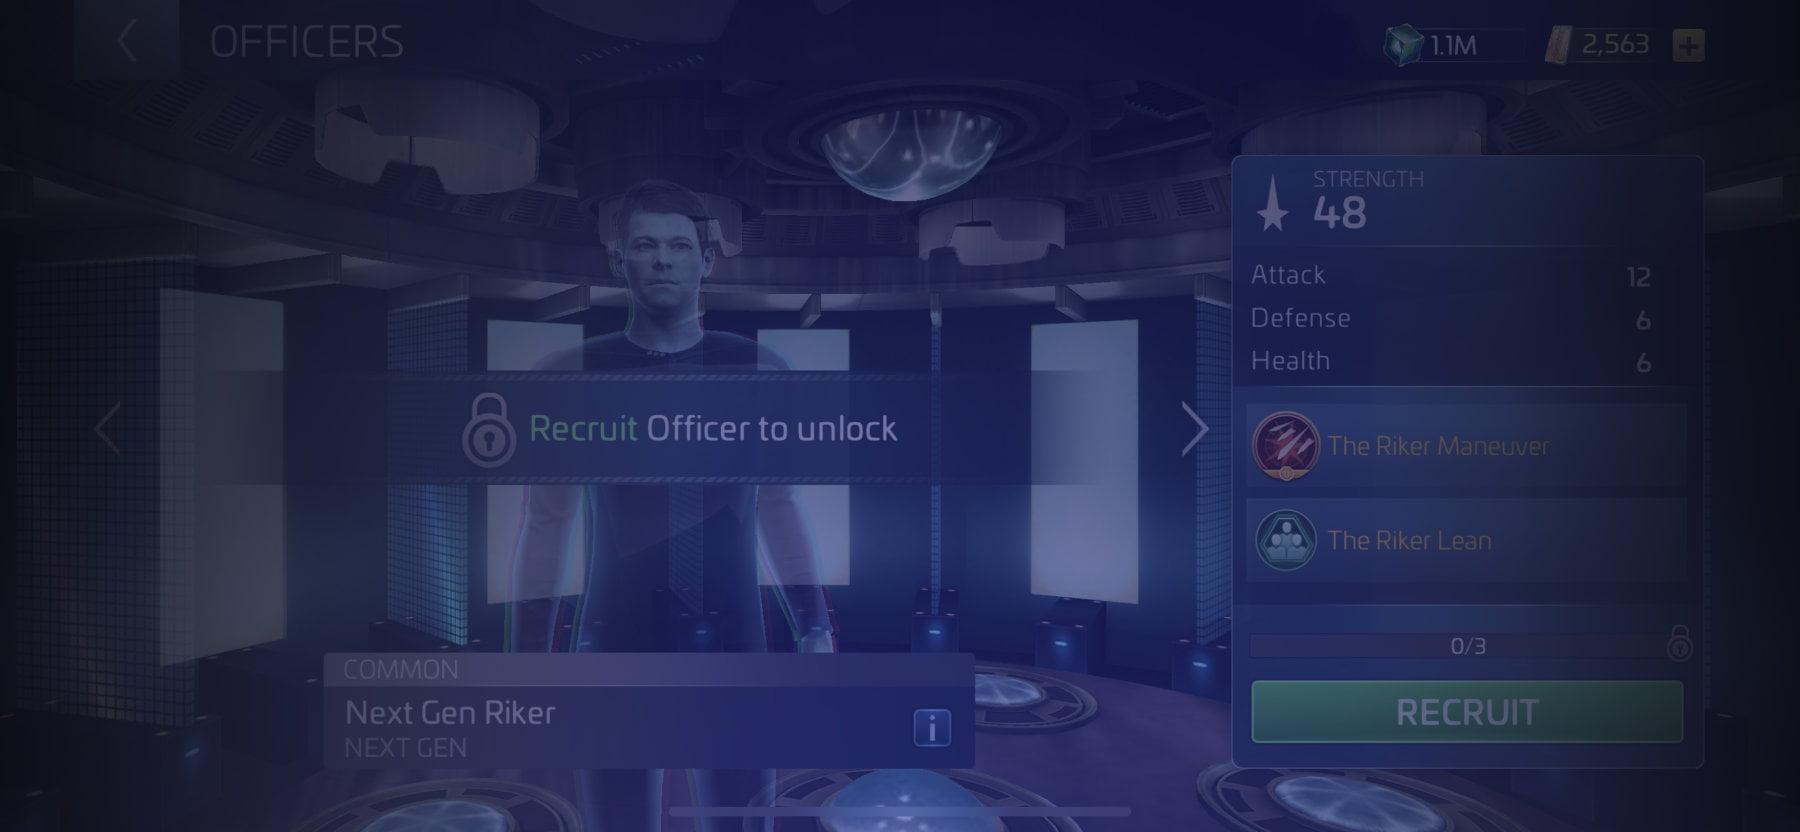 Officer Next Gen Riker